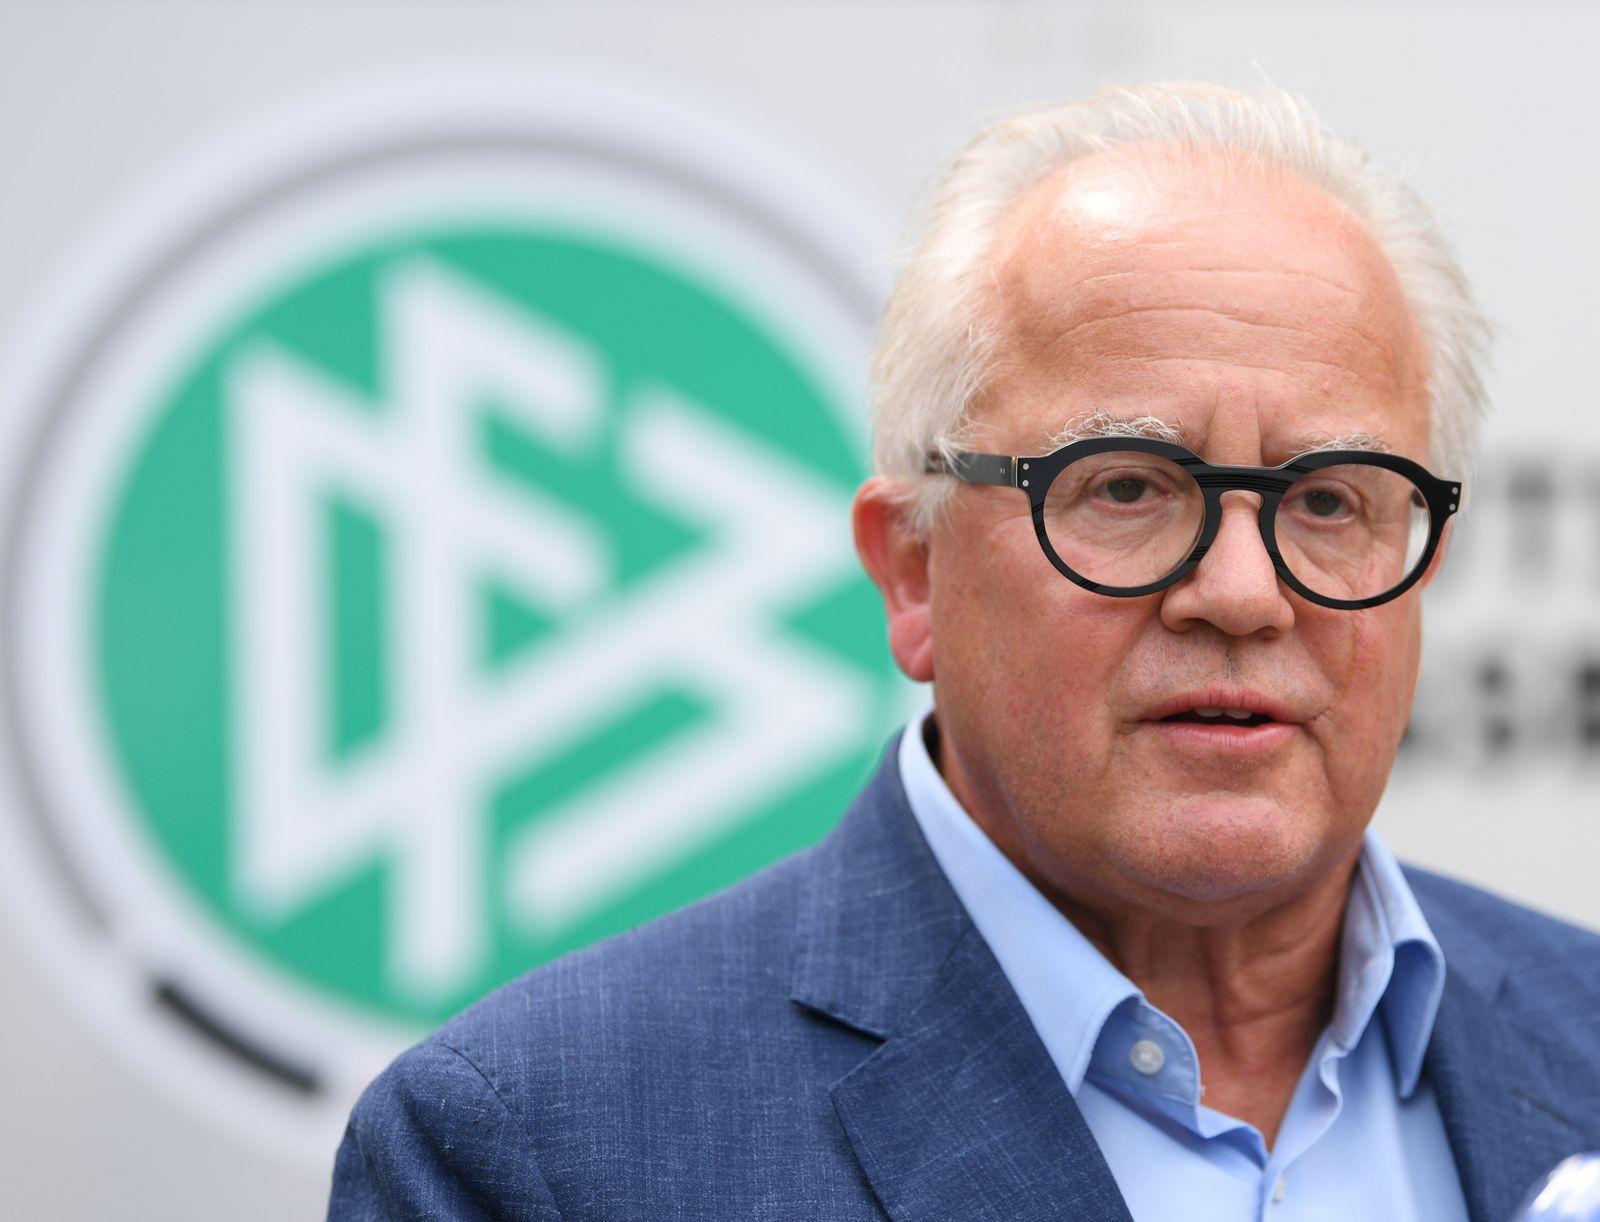 DFB-Präsident Keller «unzufrieden» mit Einjahresbilanz